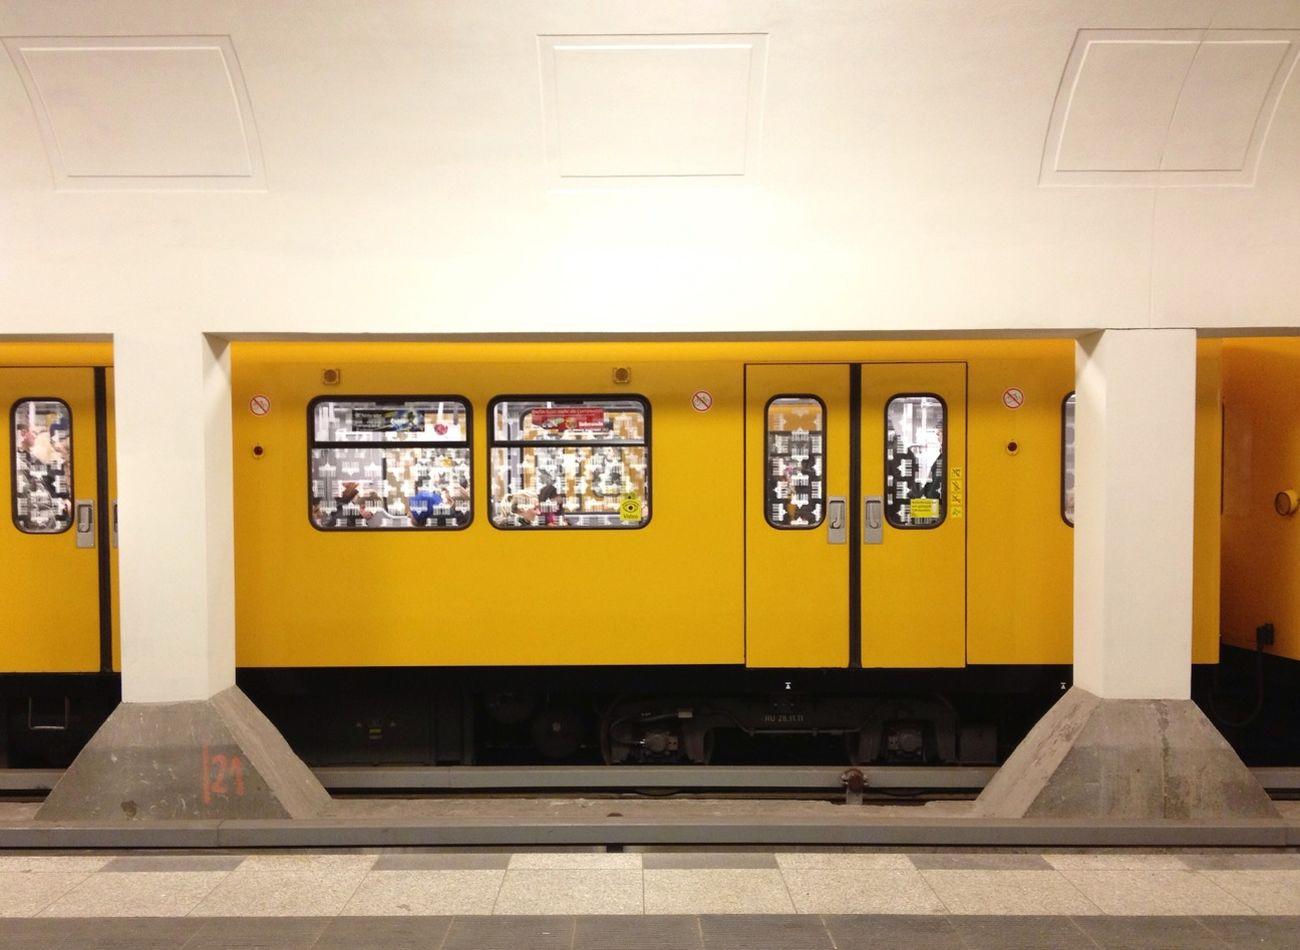 Public Transport Public Transportation öpnv